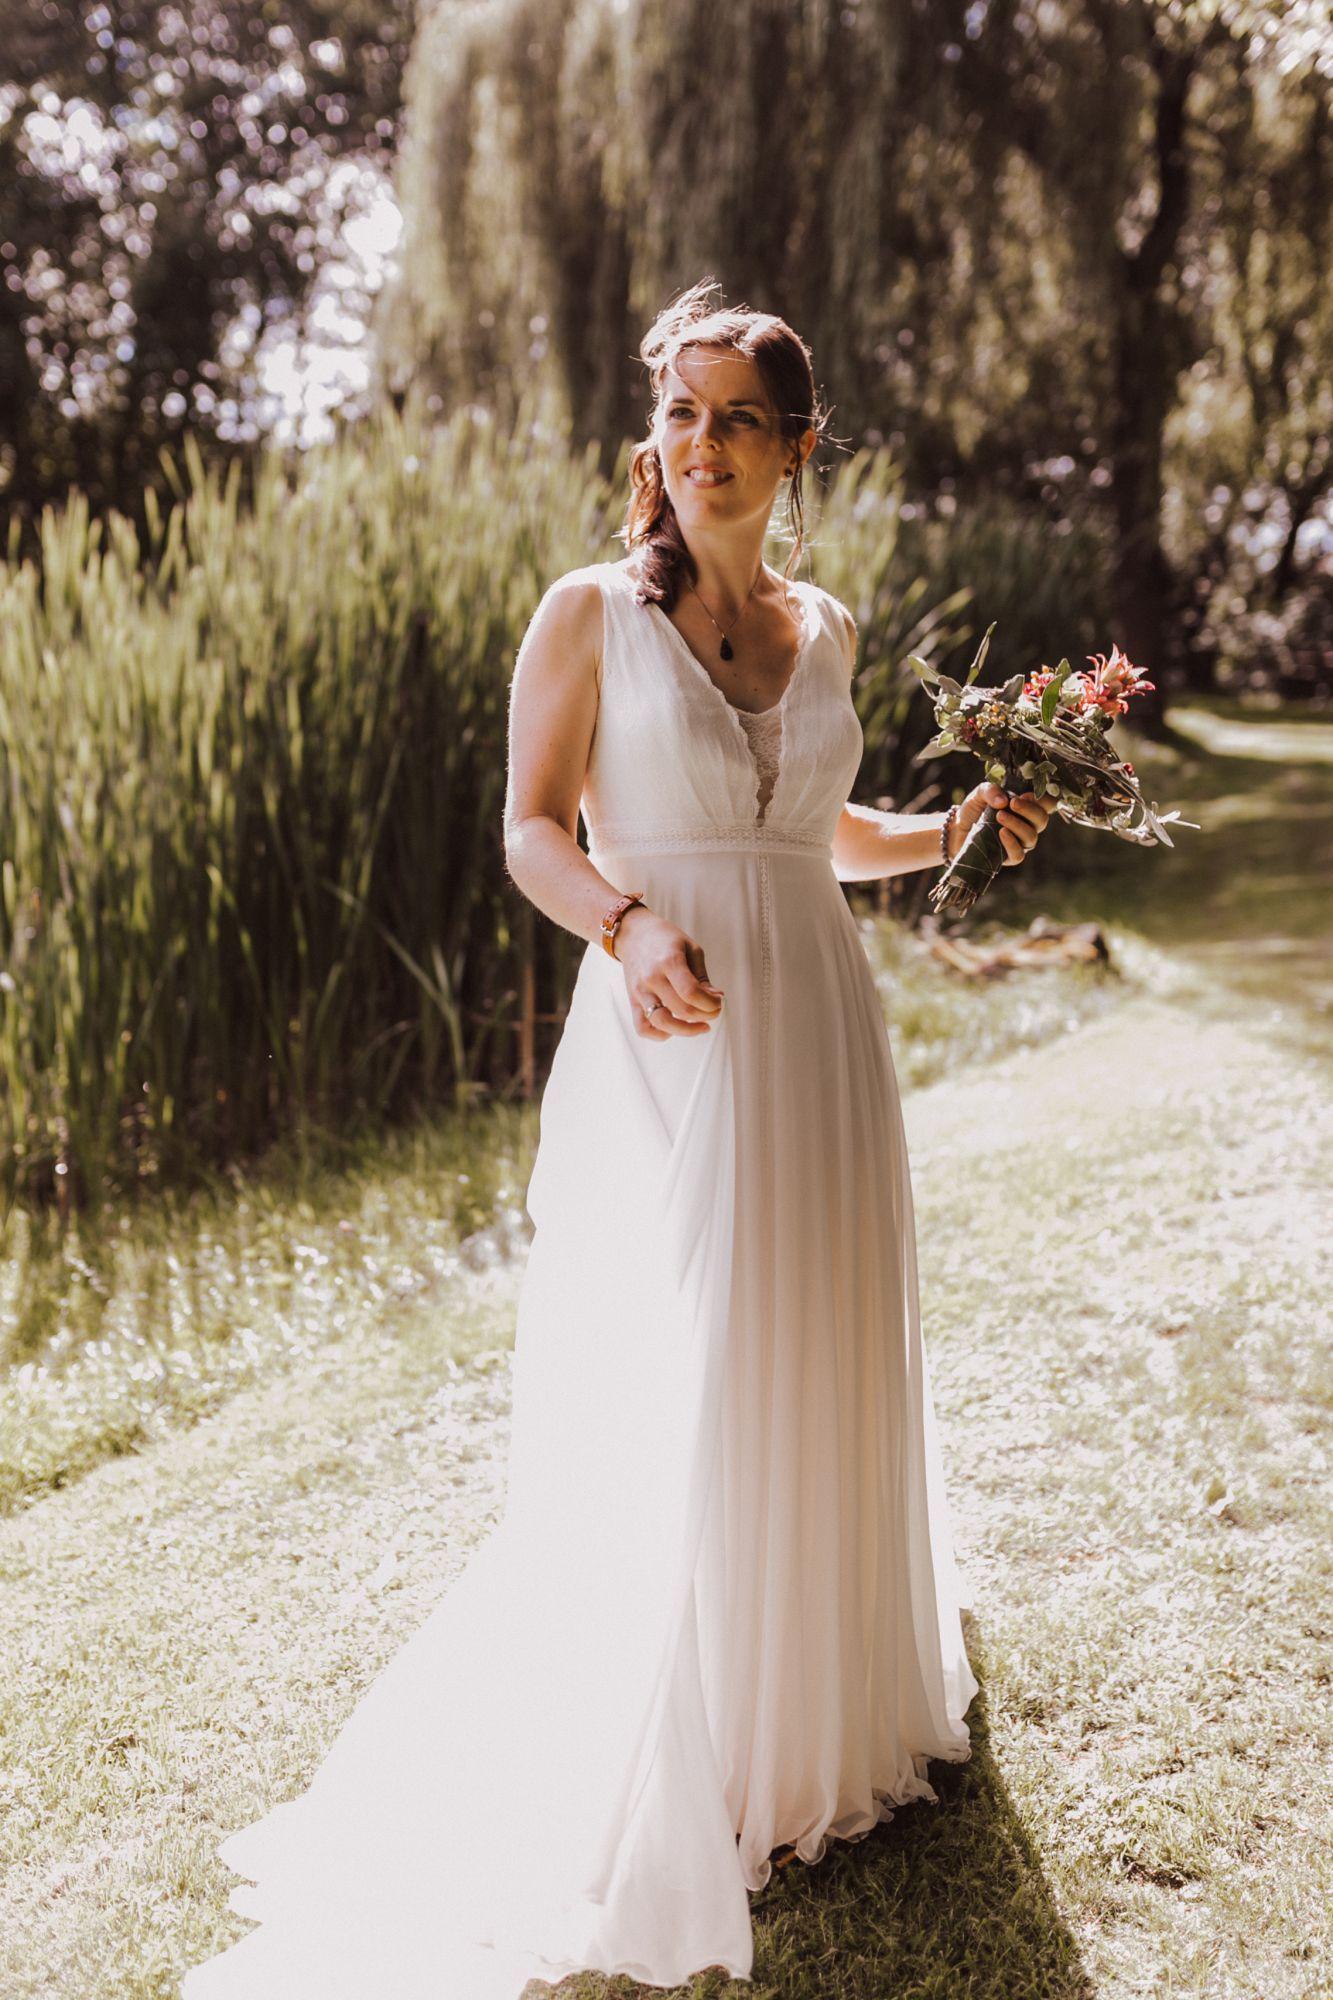 Brautkleid Feminine Rembo Styling Gebraucht 12 Euro VHB  Kleid